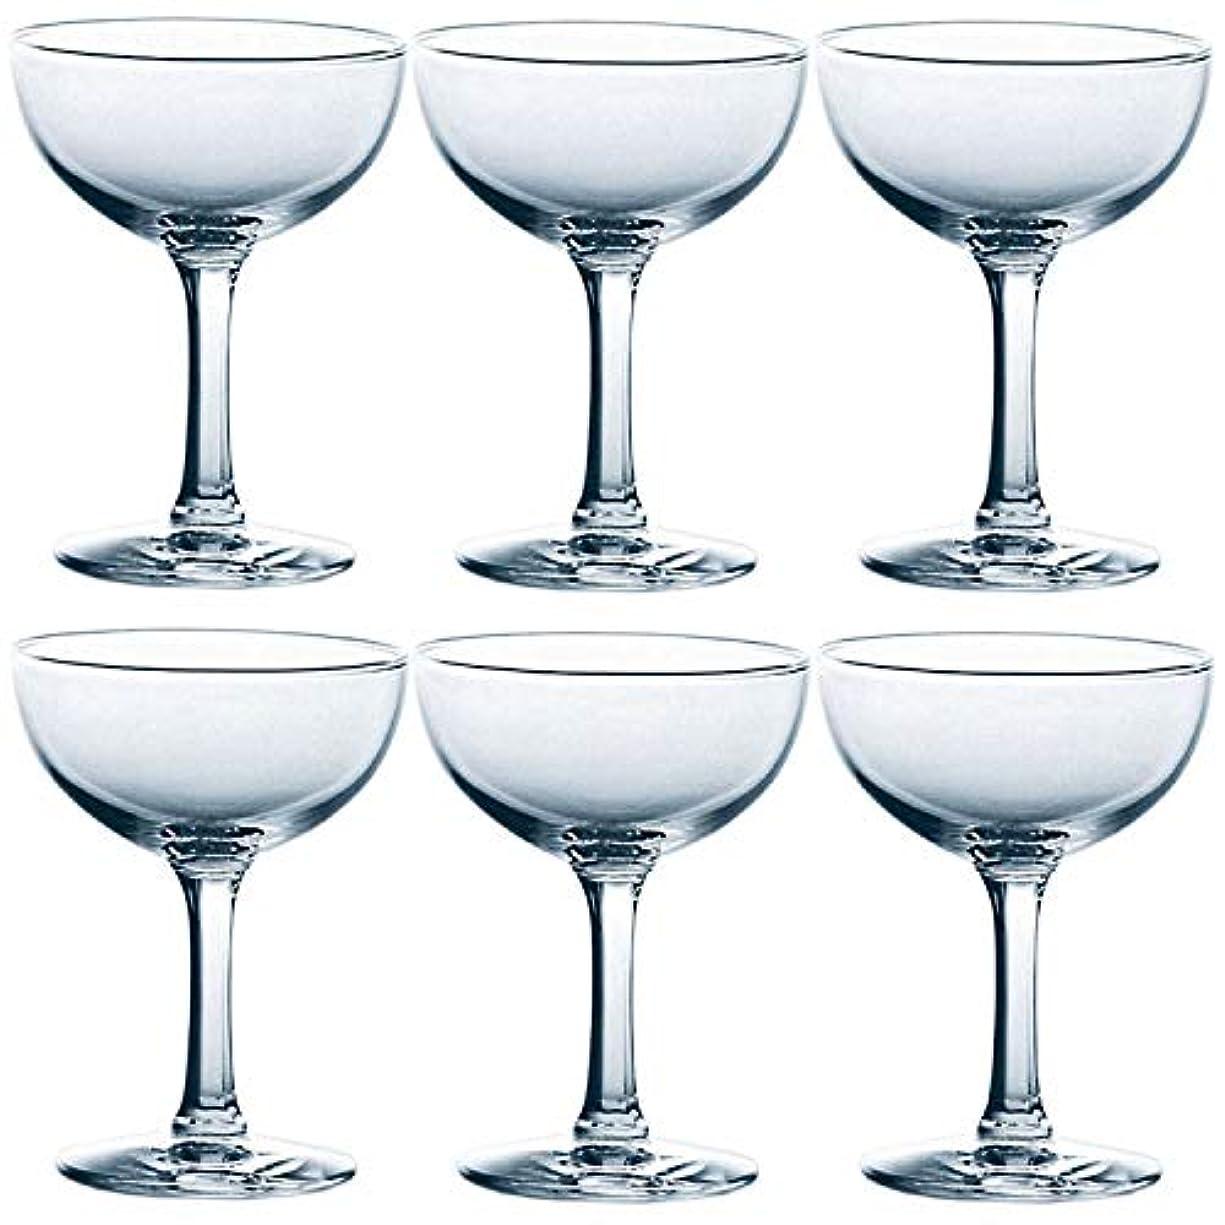 敏感な限りなくたとえ東洋佐々木ガラス シャンパングラス 125ml 310ライン 日本製 食洗機対応 31034 6個セット